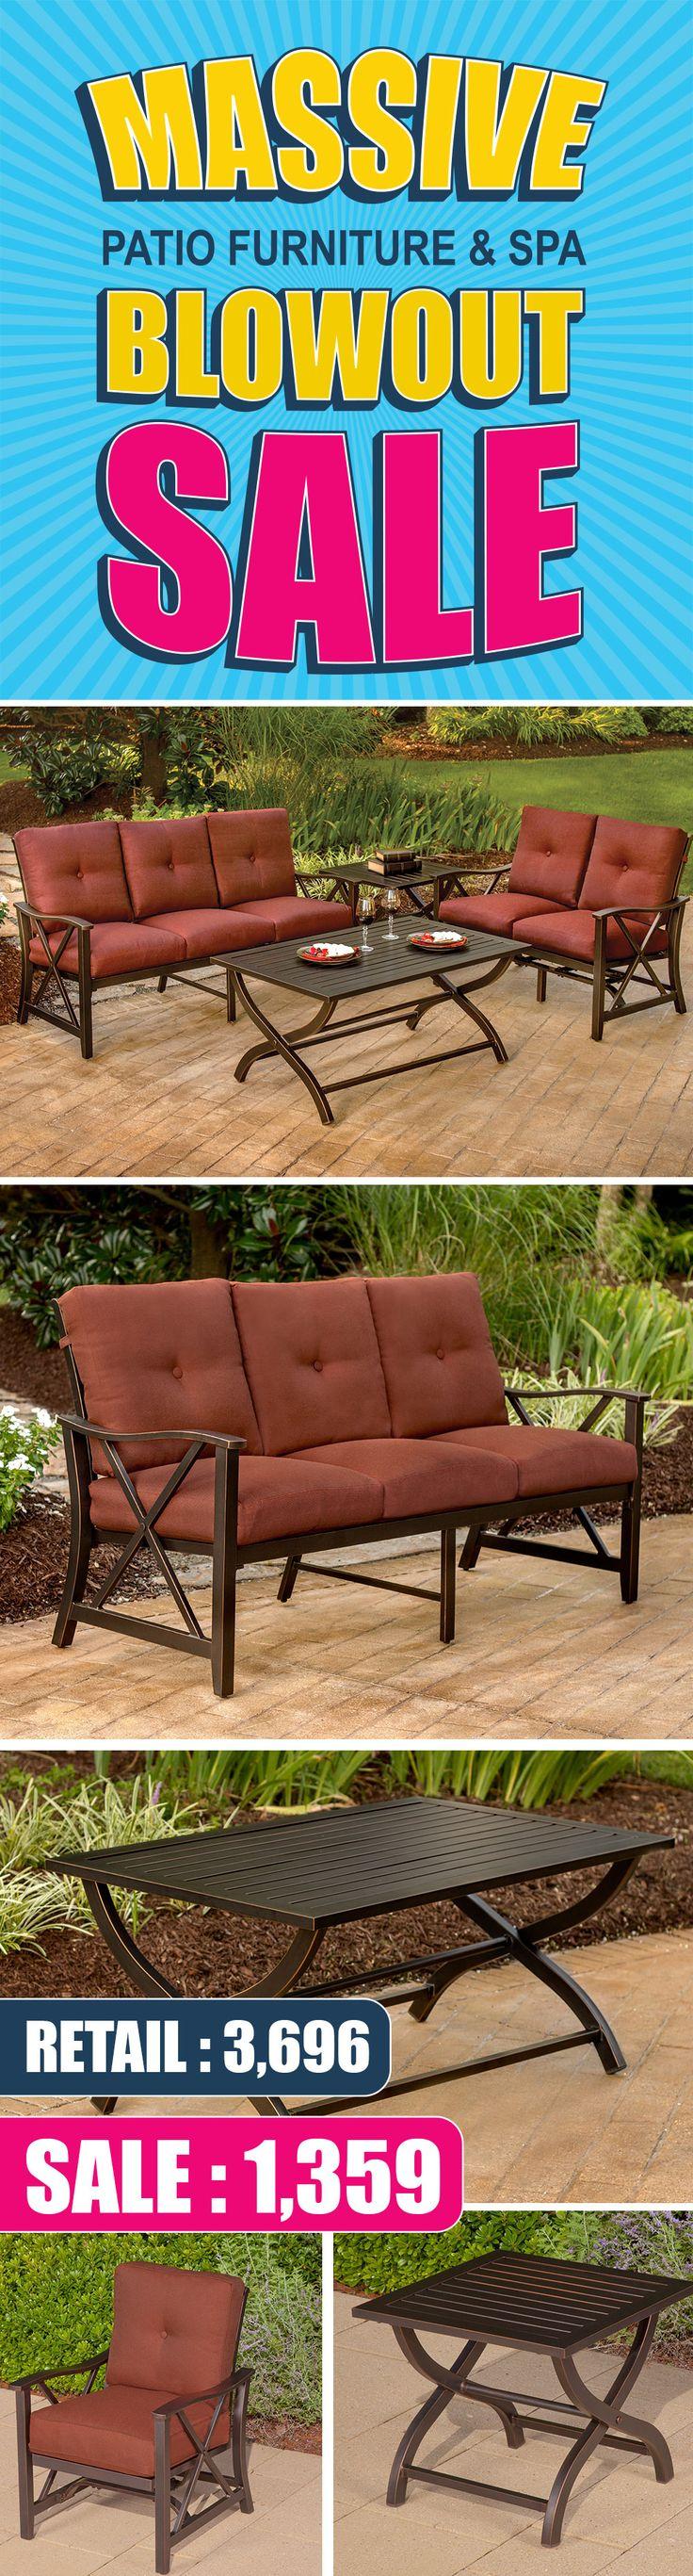 Agio Patio Furniture Fremont